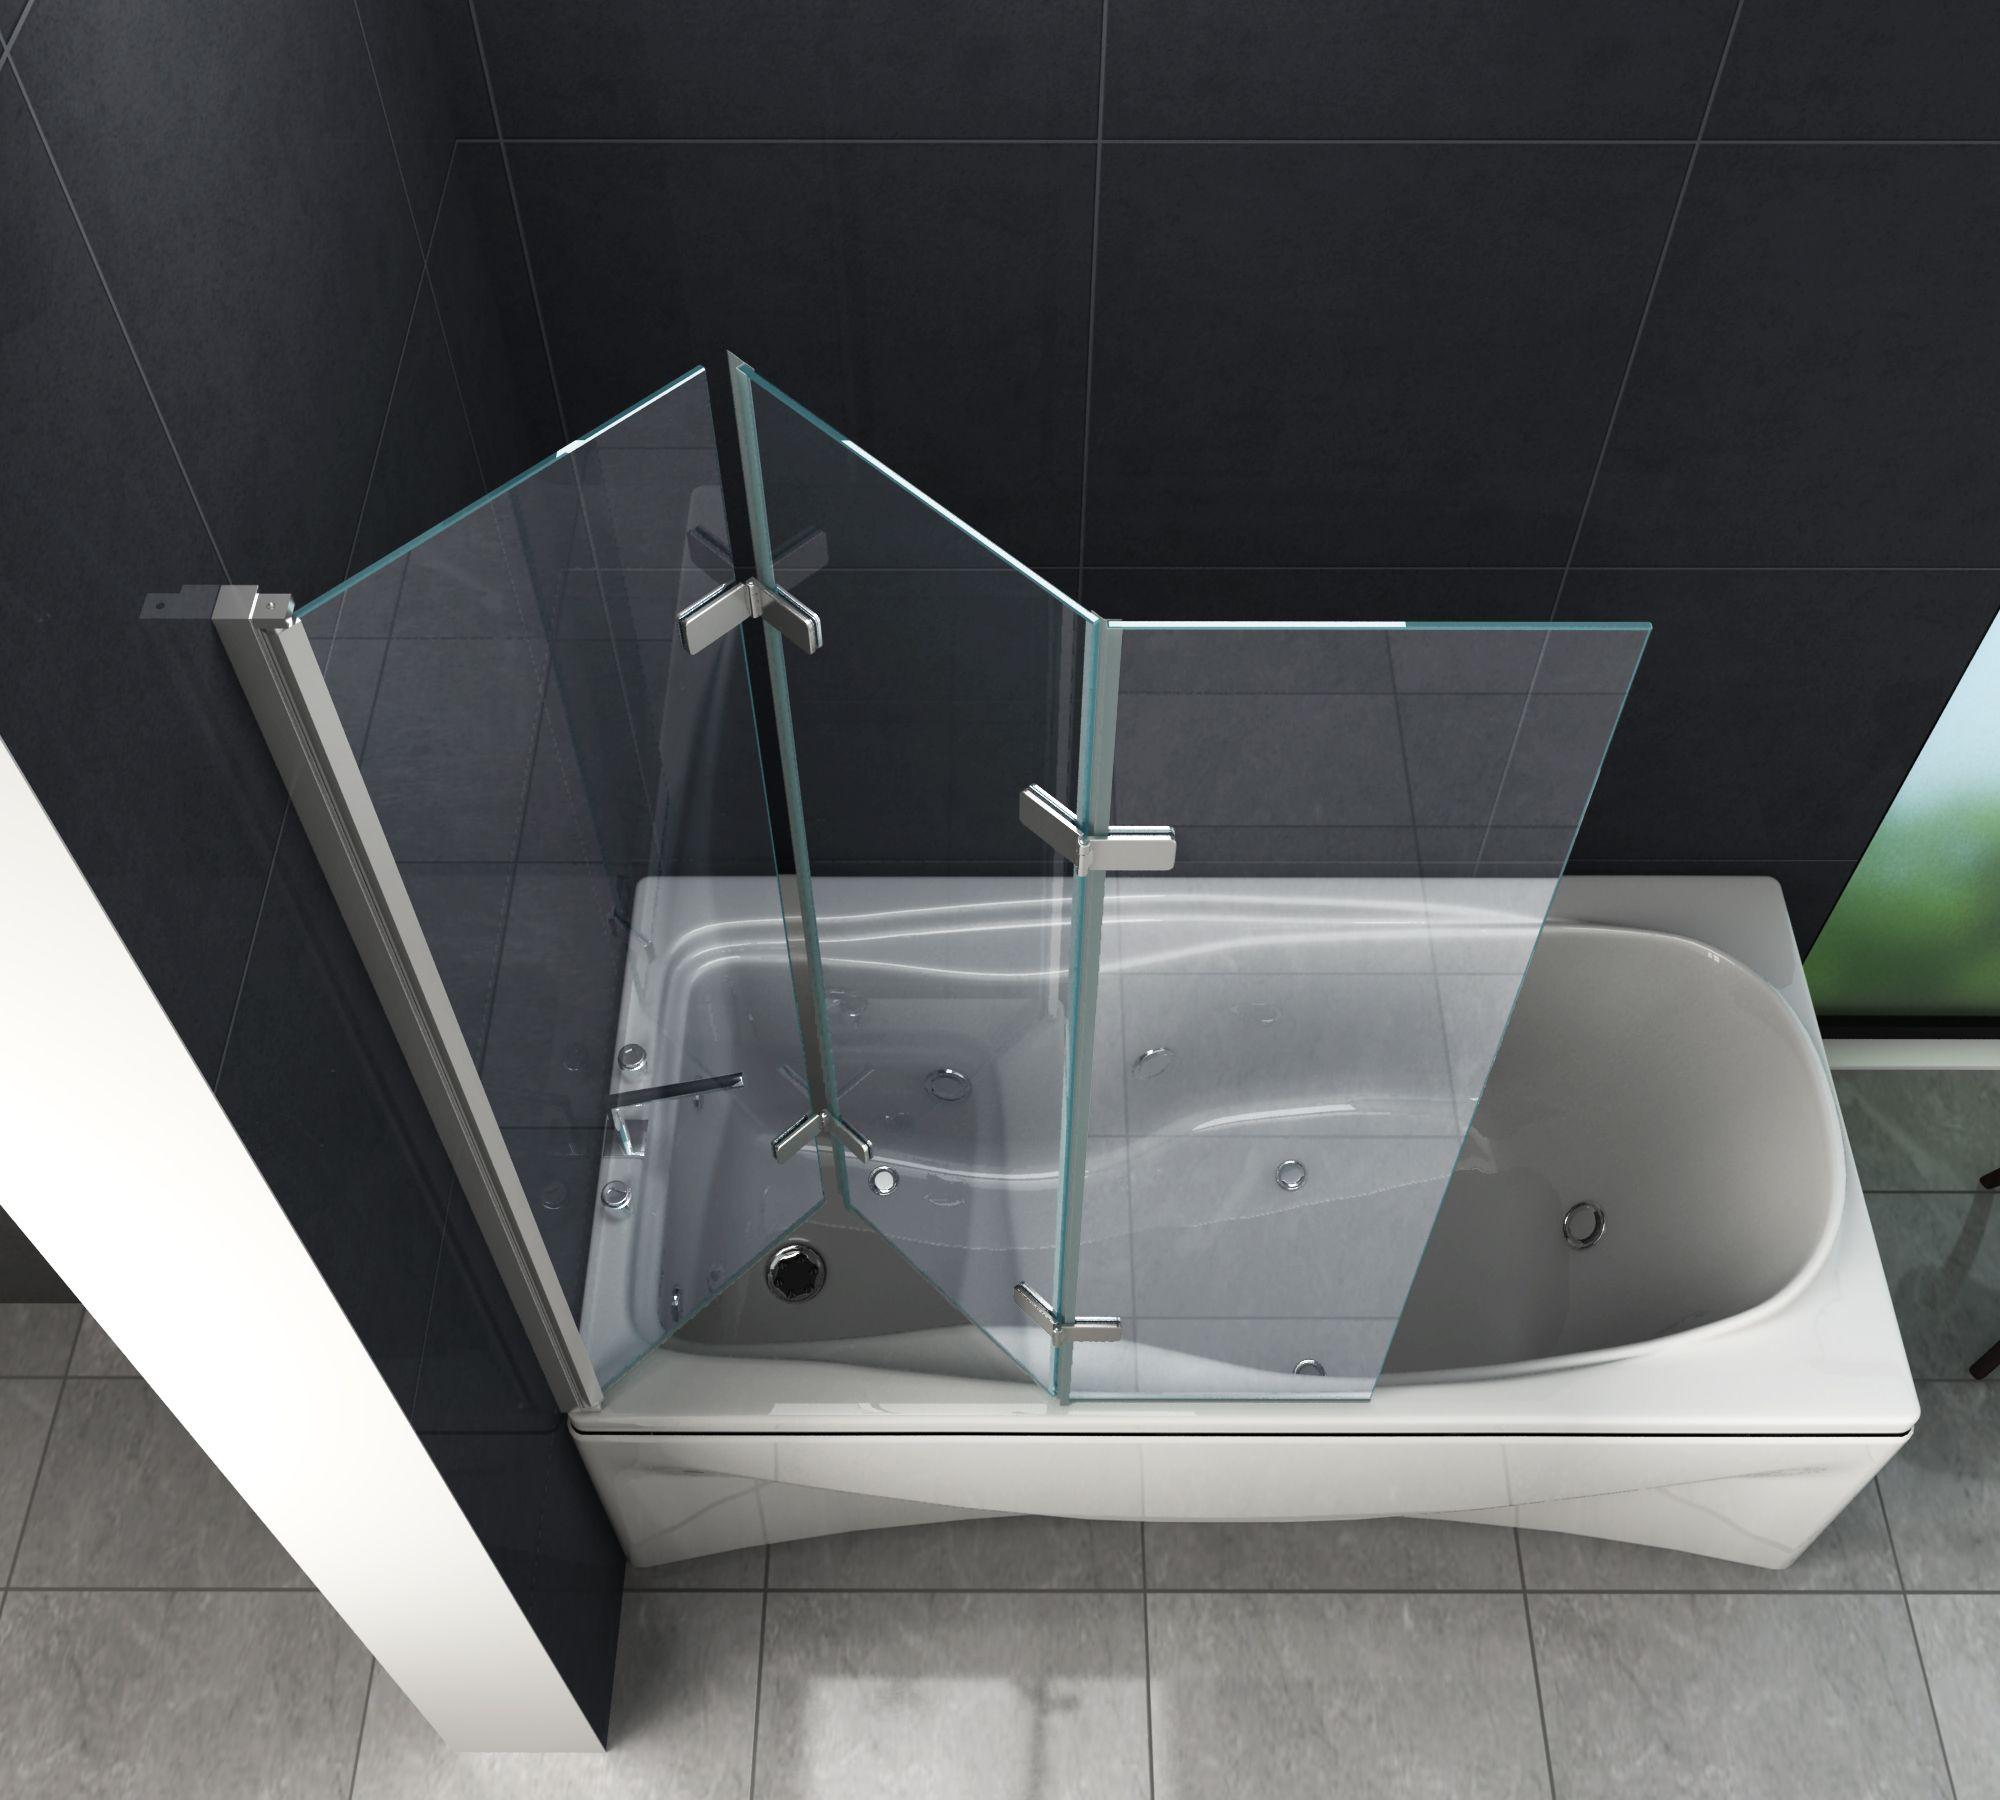 badewannen duschabtrennung ohne bohren duschabtrennung. Black Bedroom Furniture Sets. Home Design Ideas